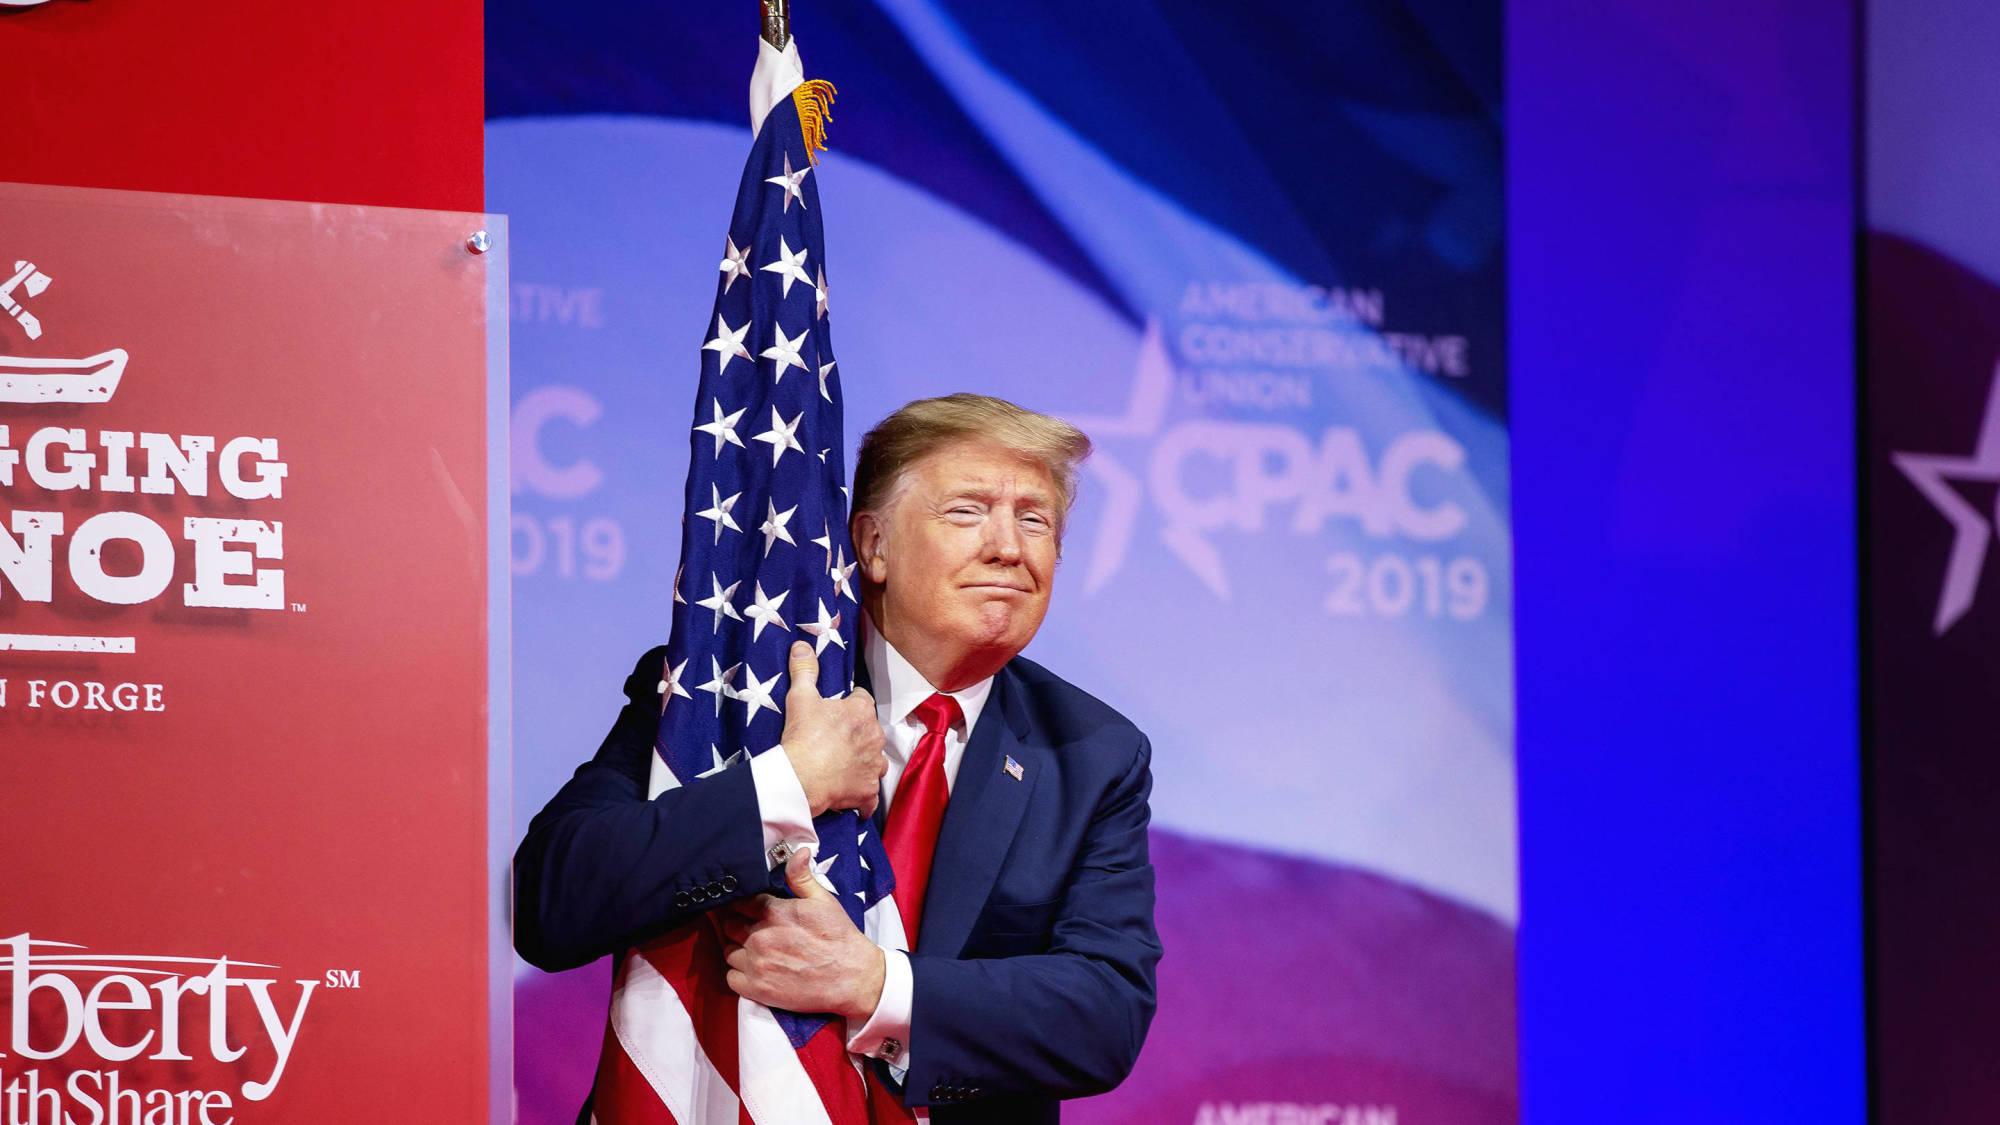 Donald Trump: Mişcarea noastră de patrioţi americani mândri şi harnici abia începe şi în cele din urmă vom câştiga. O să câştigăm